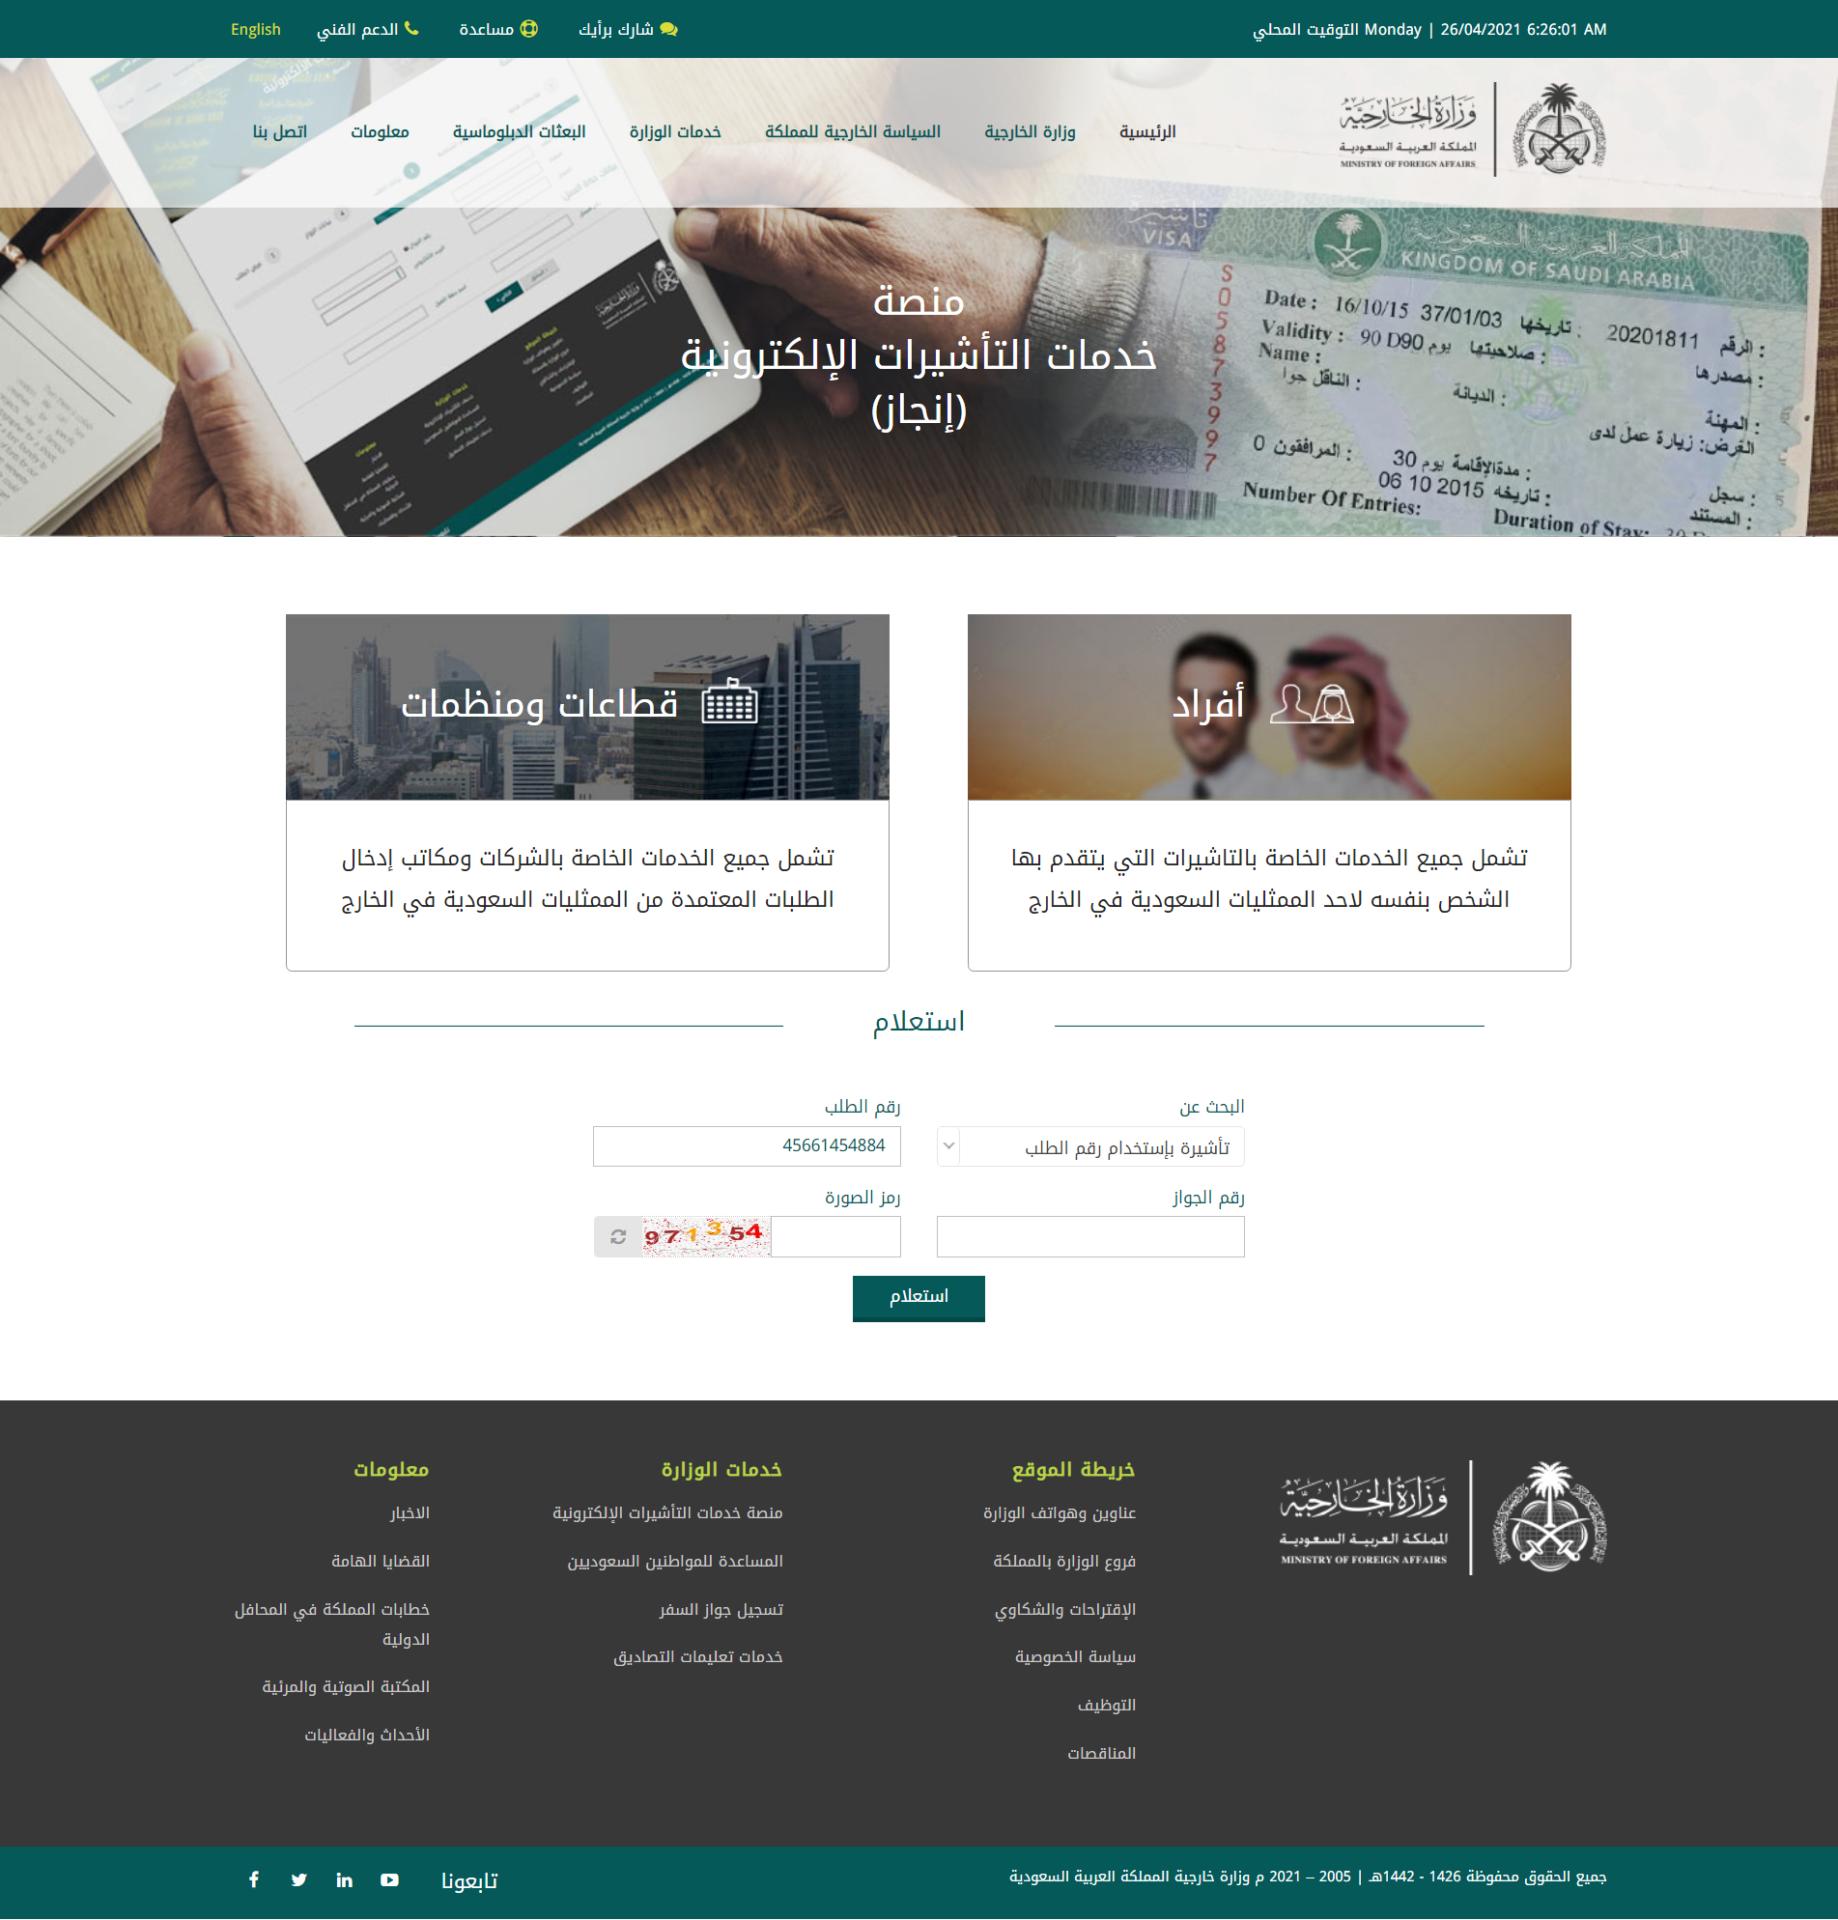 الاستعلام عن صدور تأشيرة من القنصلية السعودية رقم 03